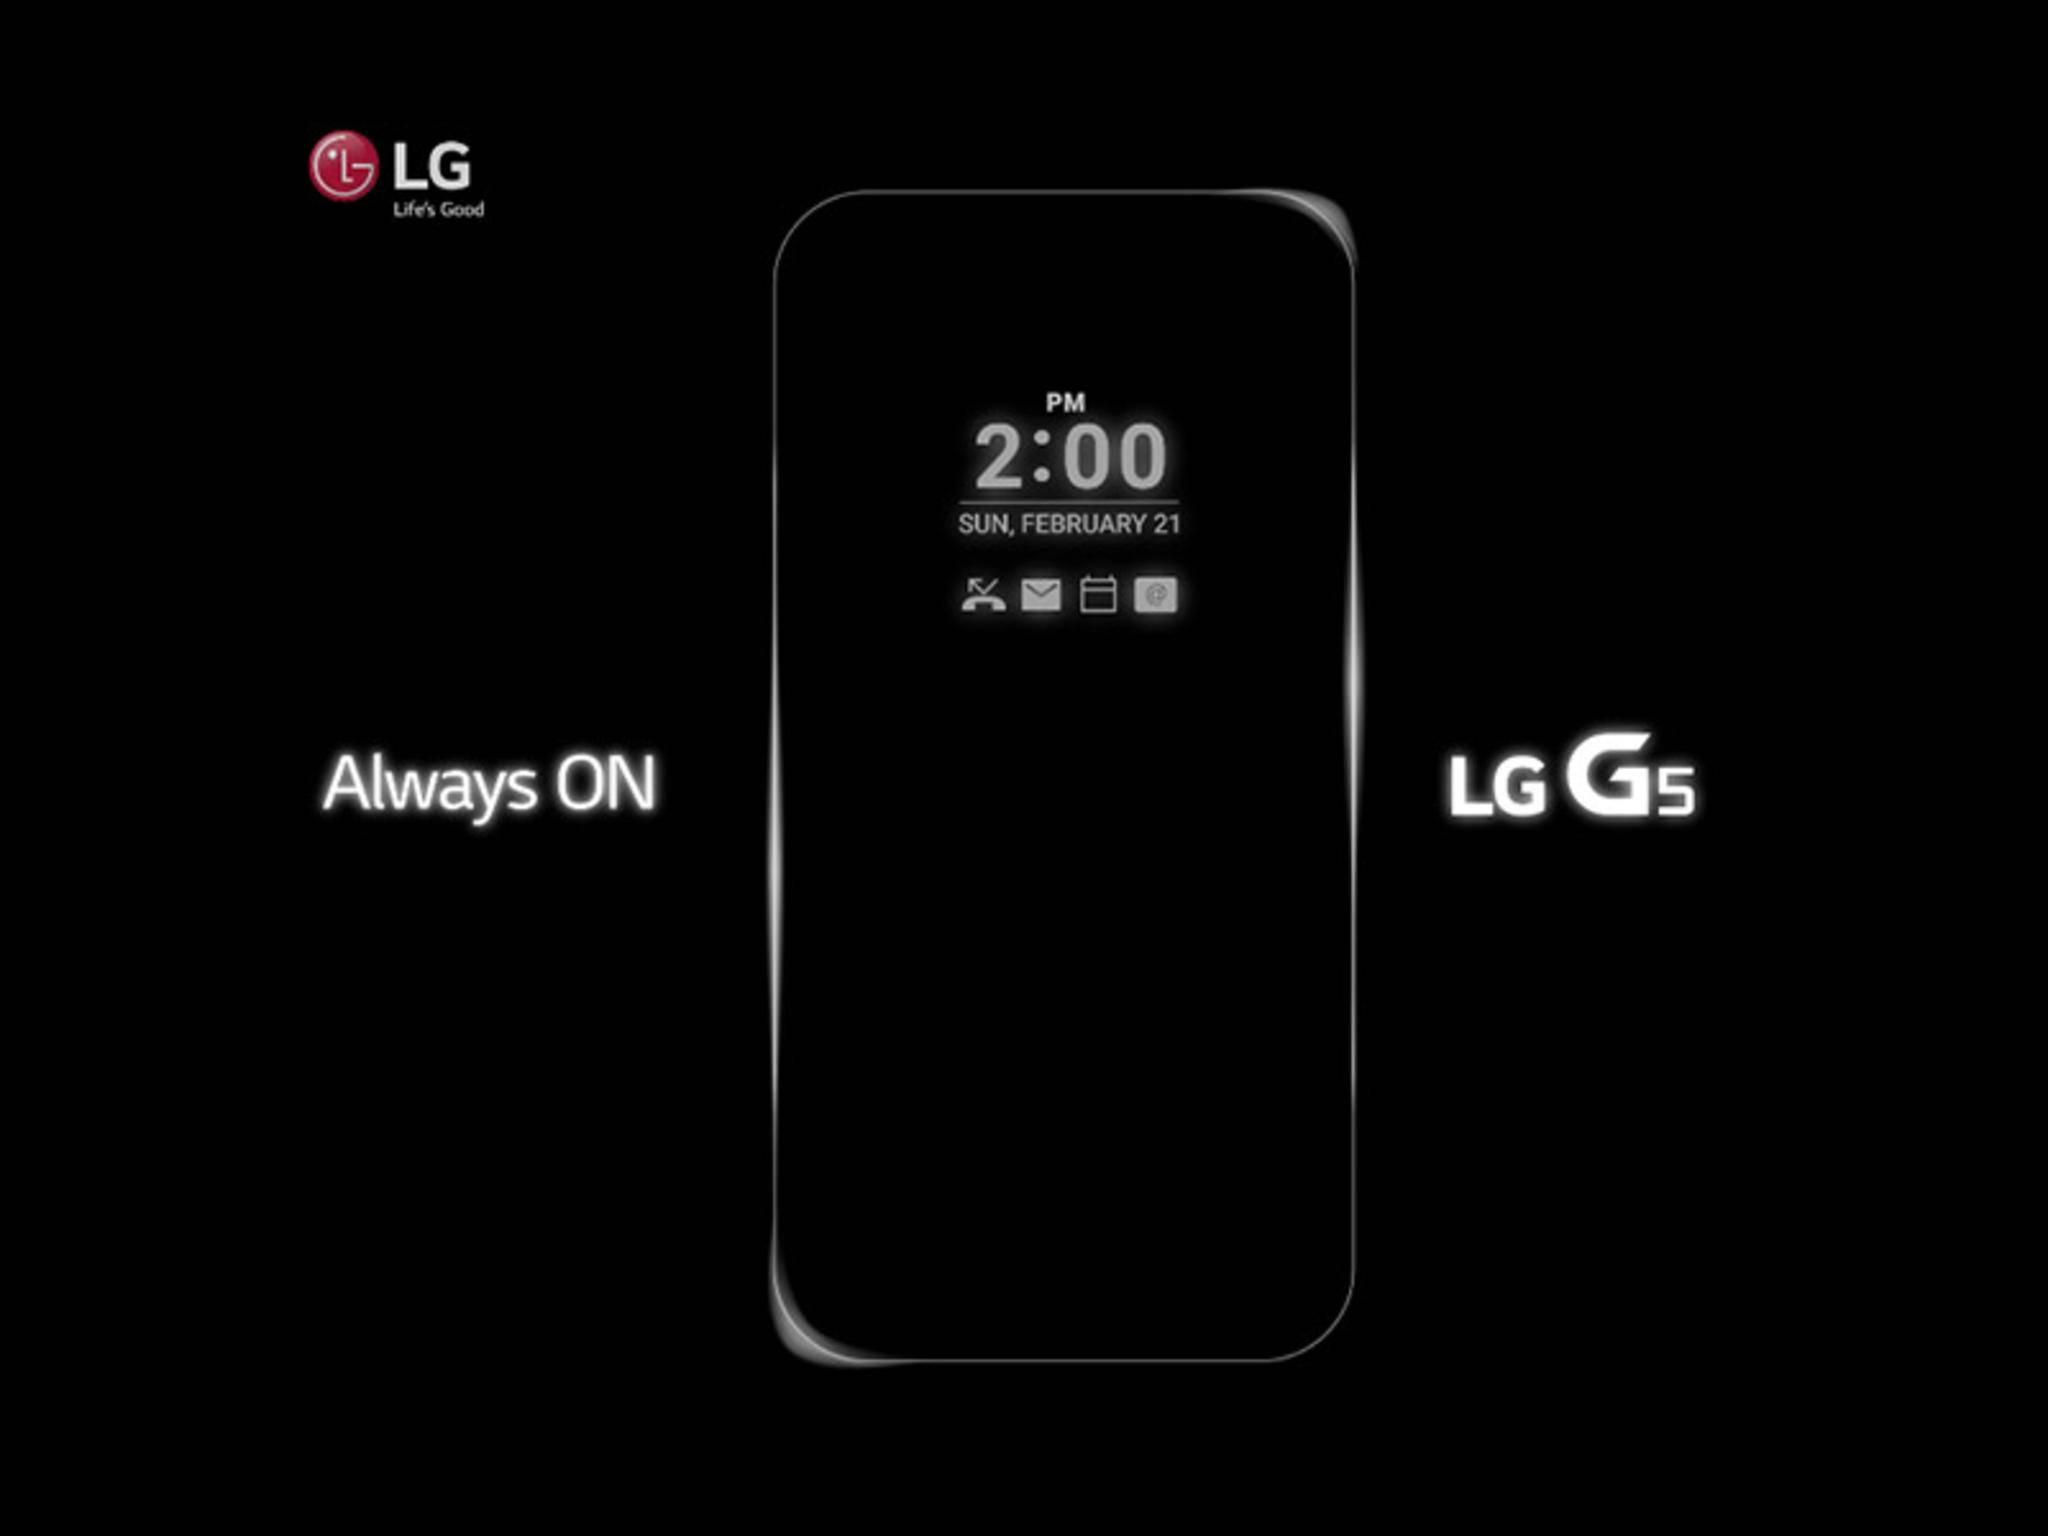 Das LG G5 besitzt ein Always-On-Display.